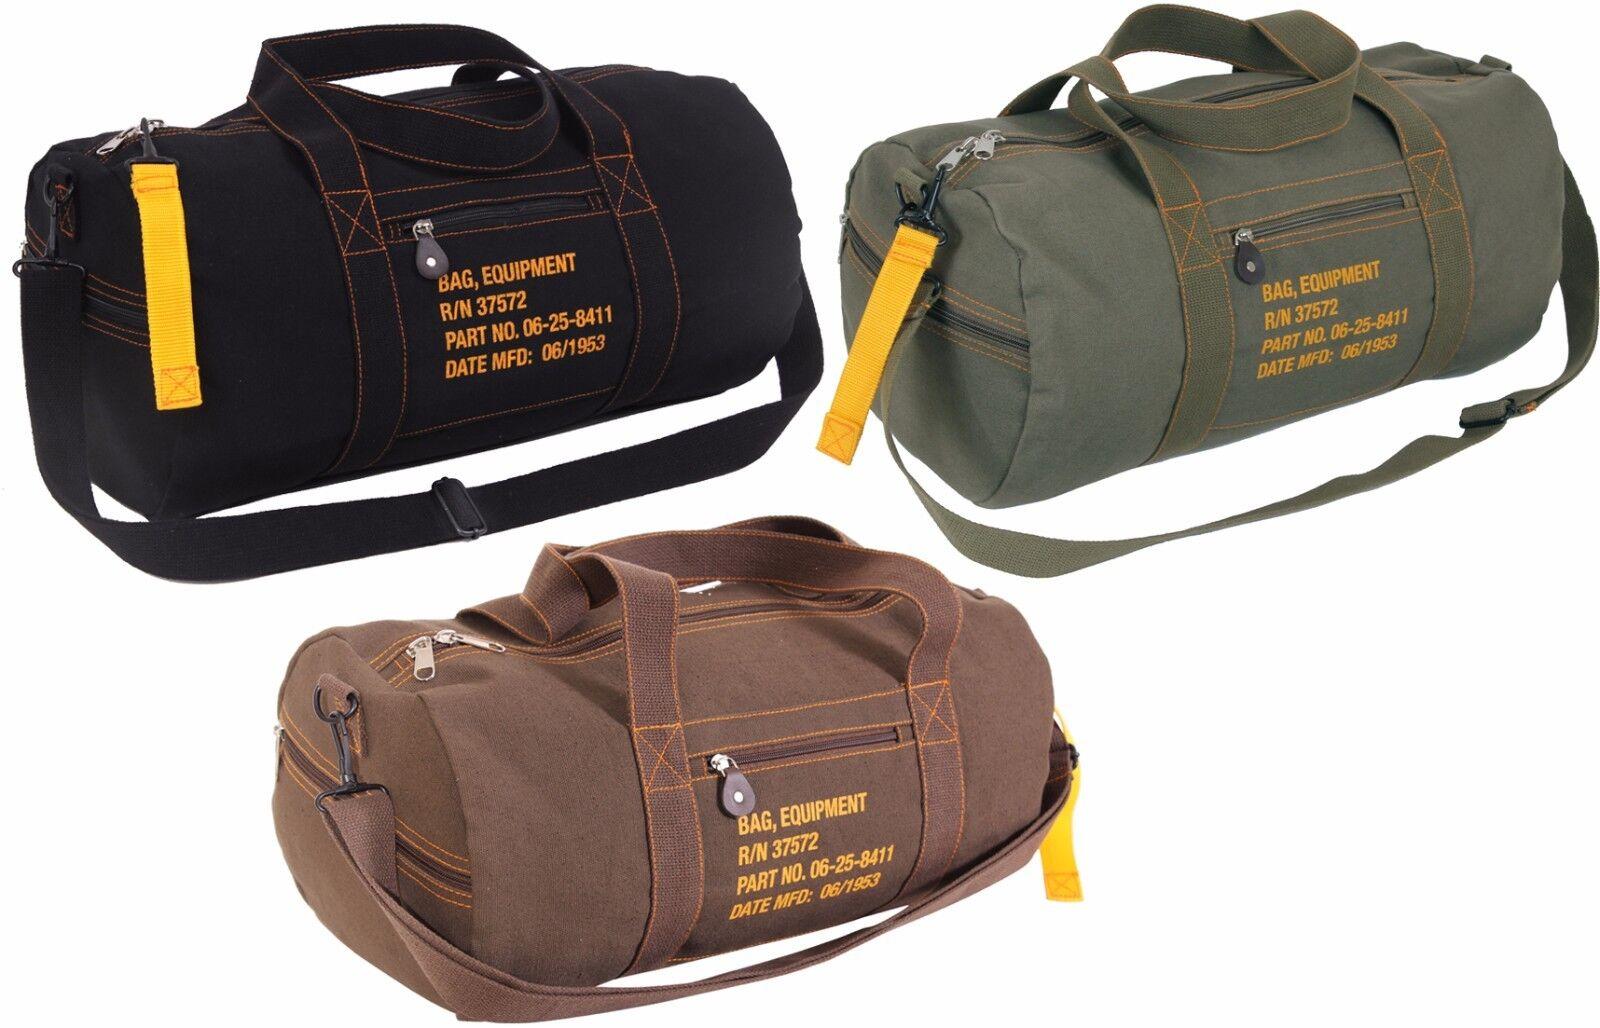 Bag - Cotton Canvas Adjustable Travel Equipment Shoulder Bag